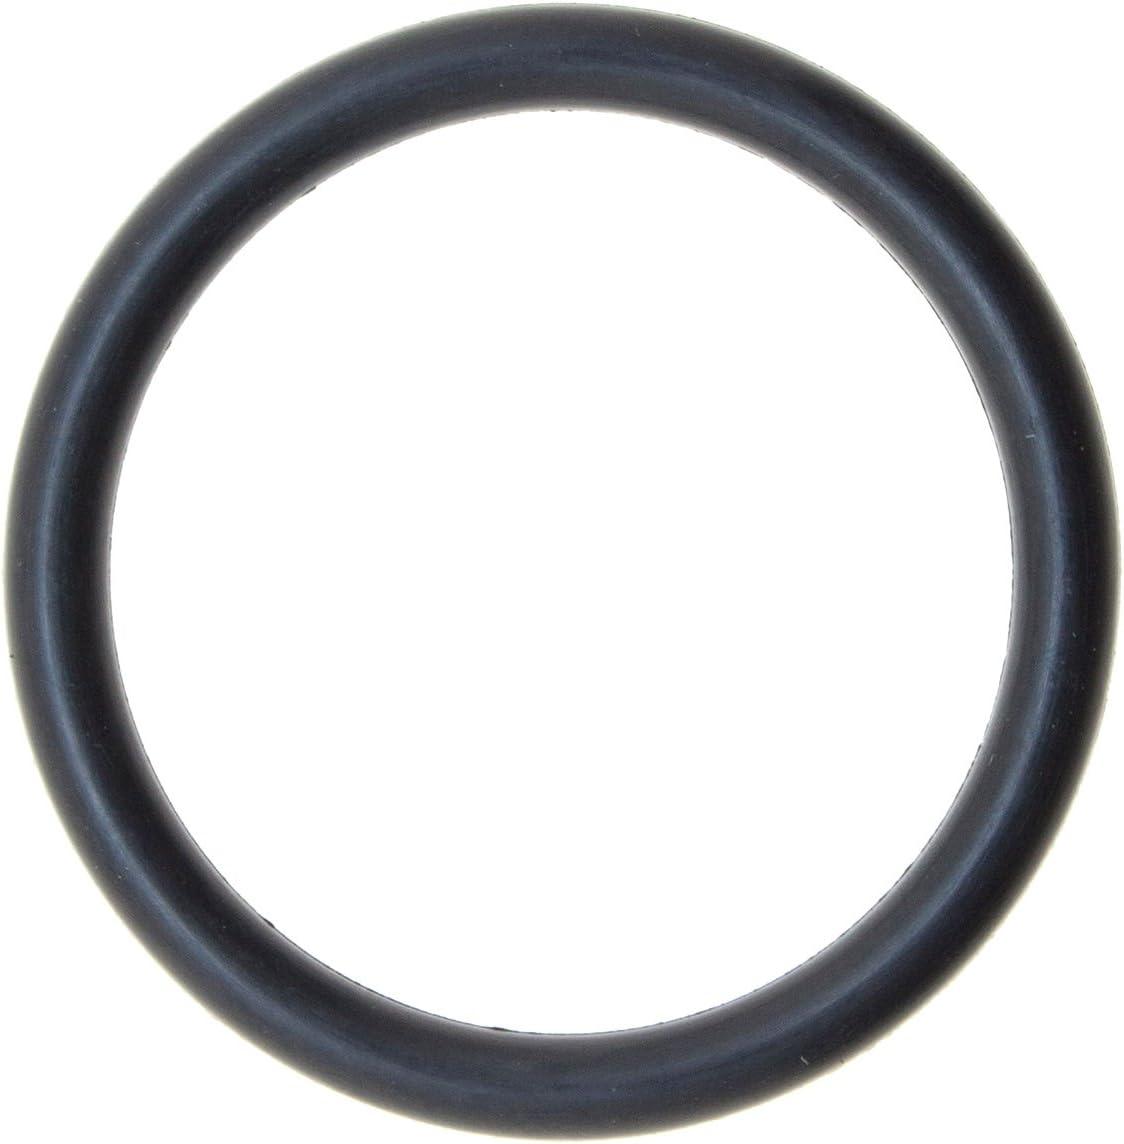 O-Ring 278,77 x 5,33 mm NBR 70 Dichtring Menge 1 Stück